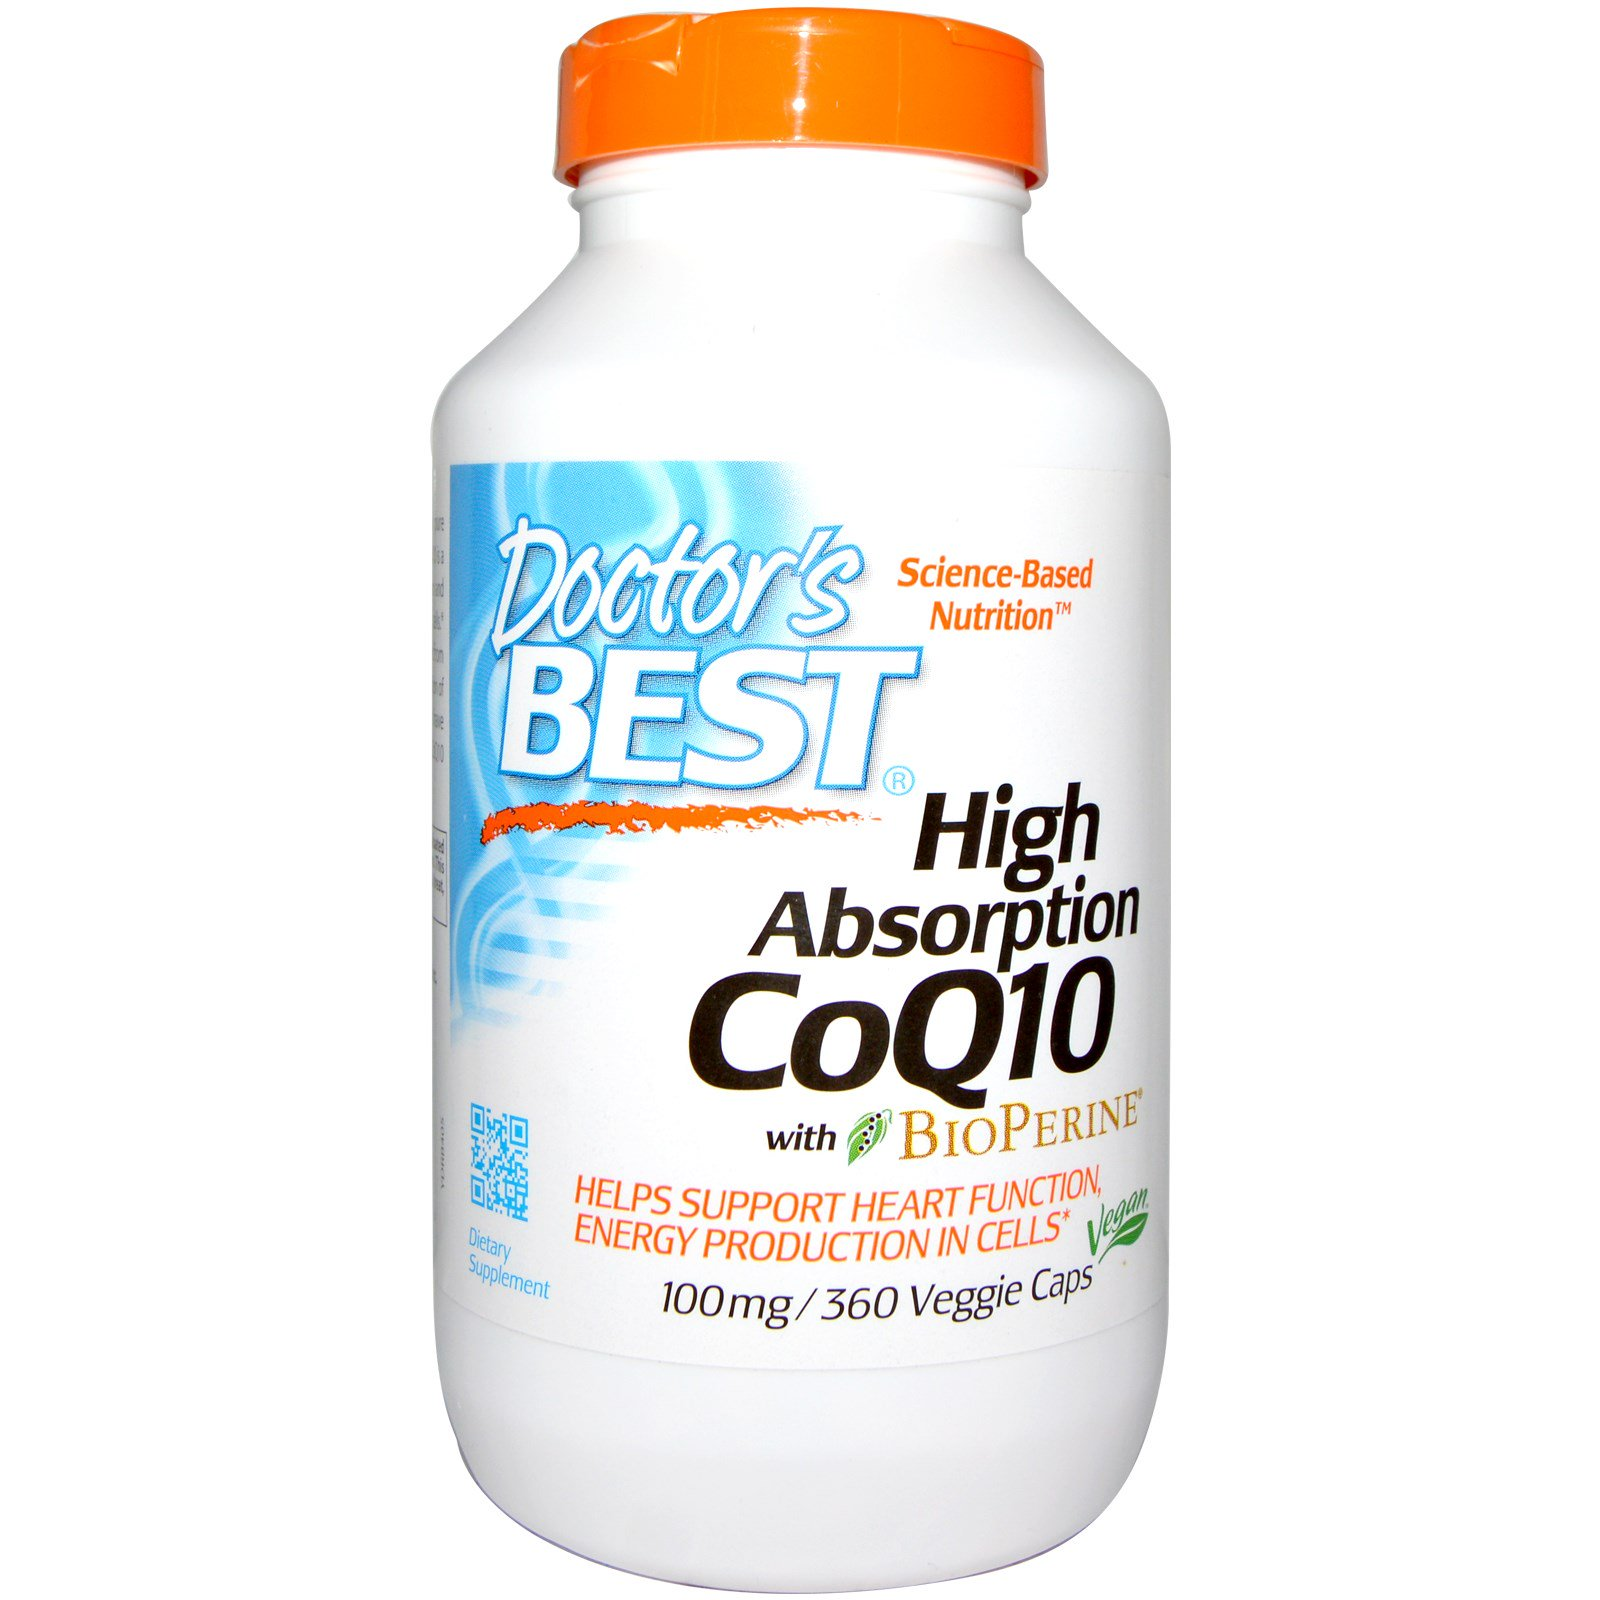 Doctor's Best, Hi Absorption CoQ10, 100mg, 360 Vegie Caps